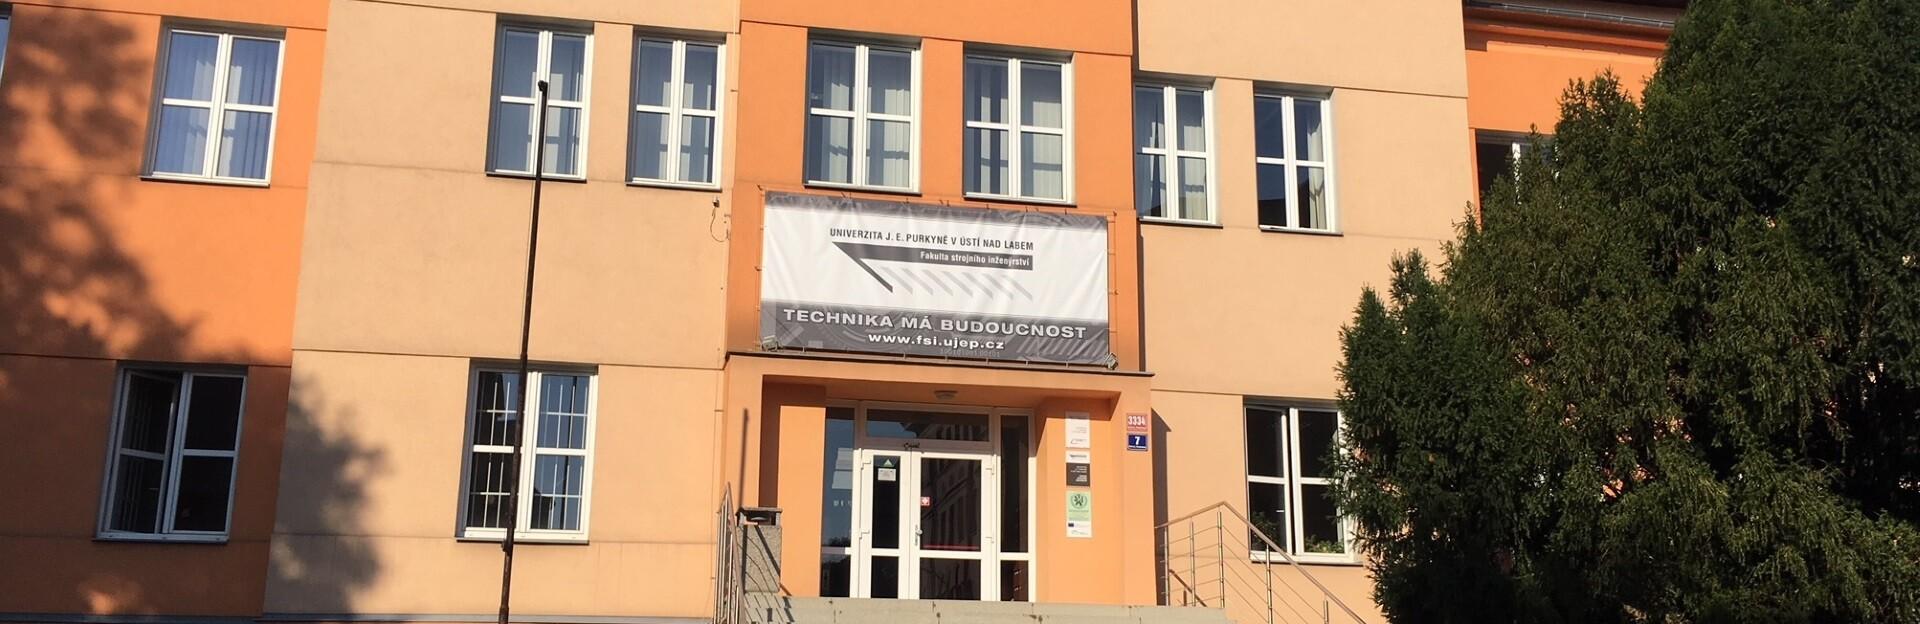 Fakulta strojního inženýrství (FSIUJEP)